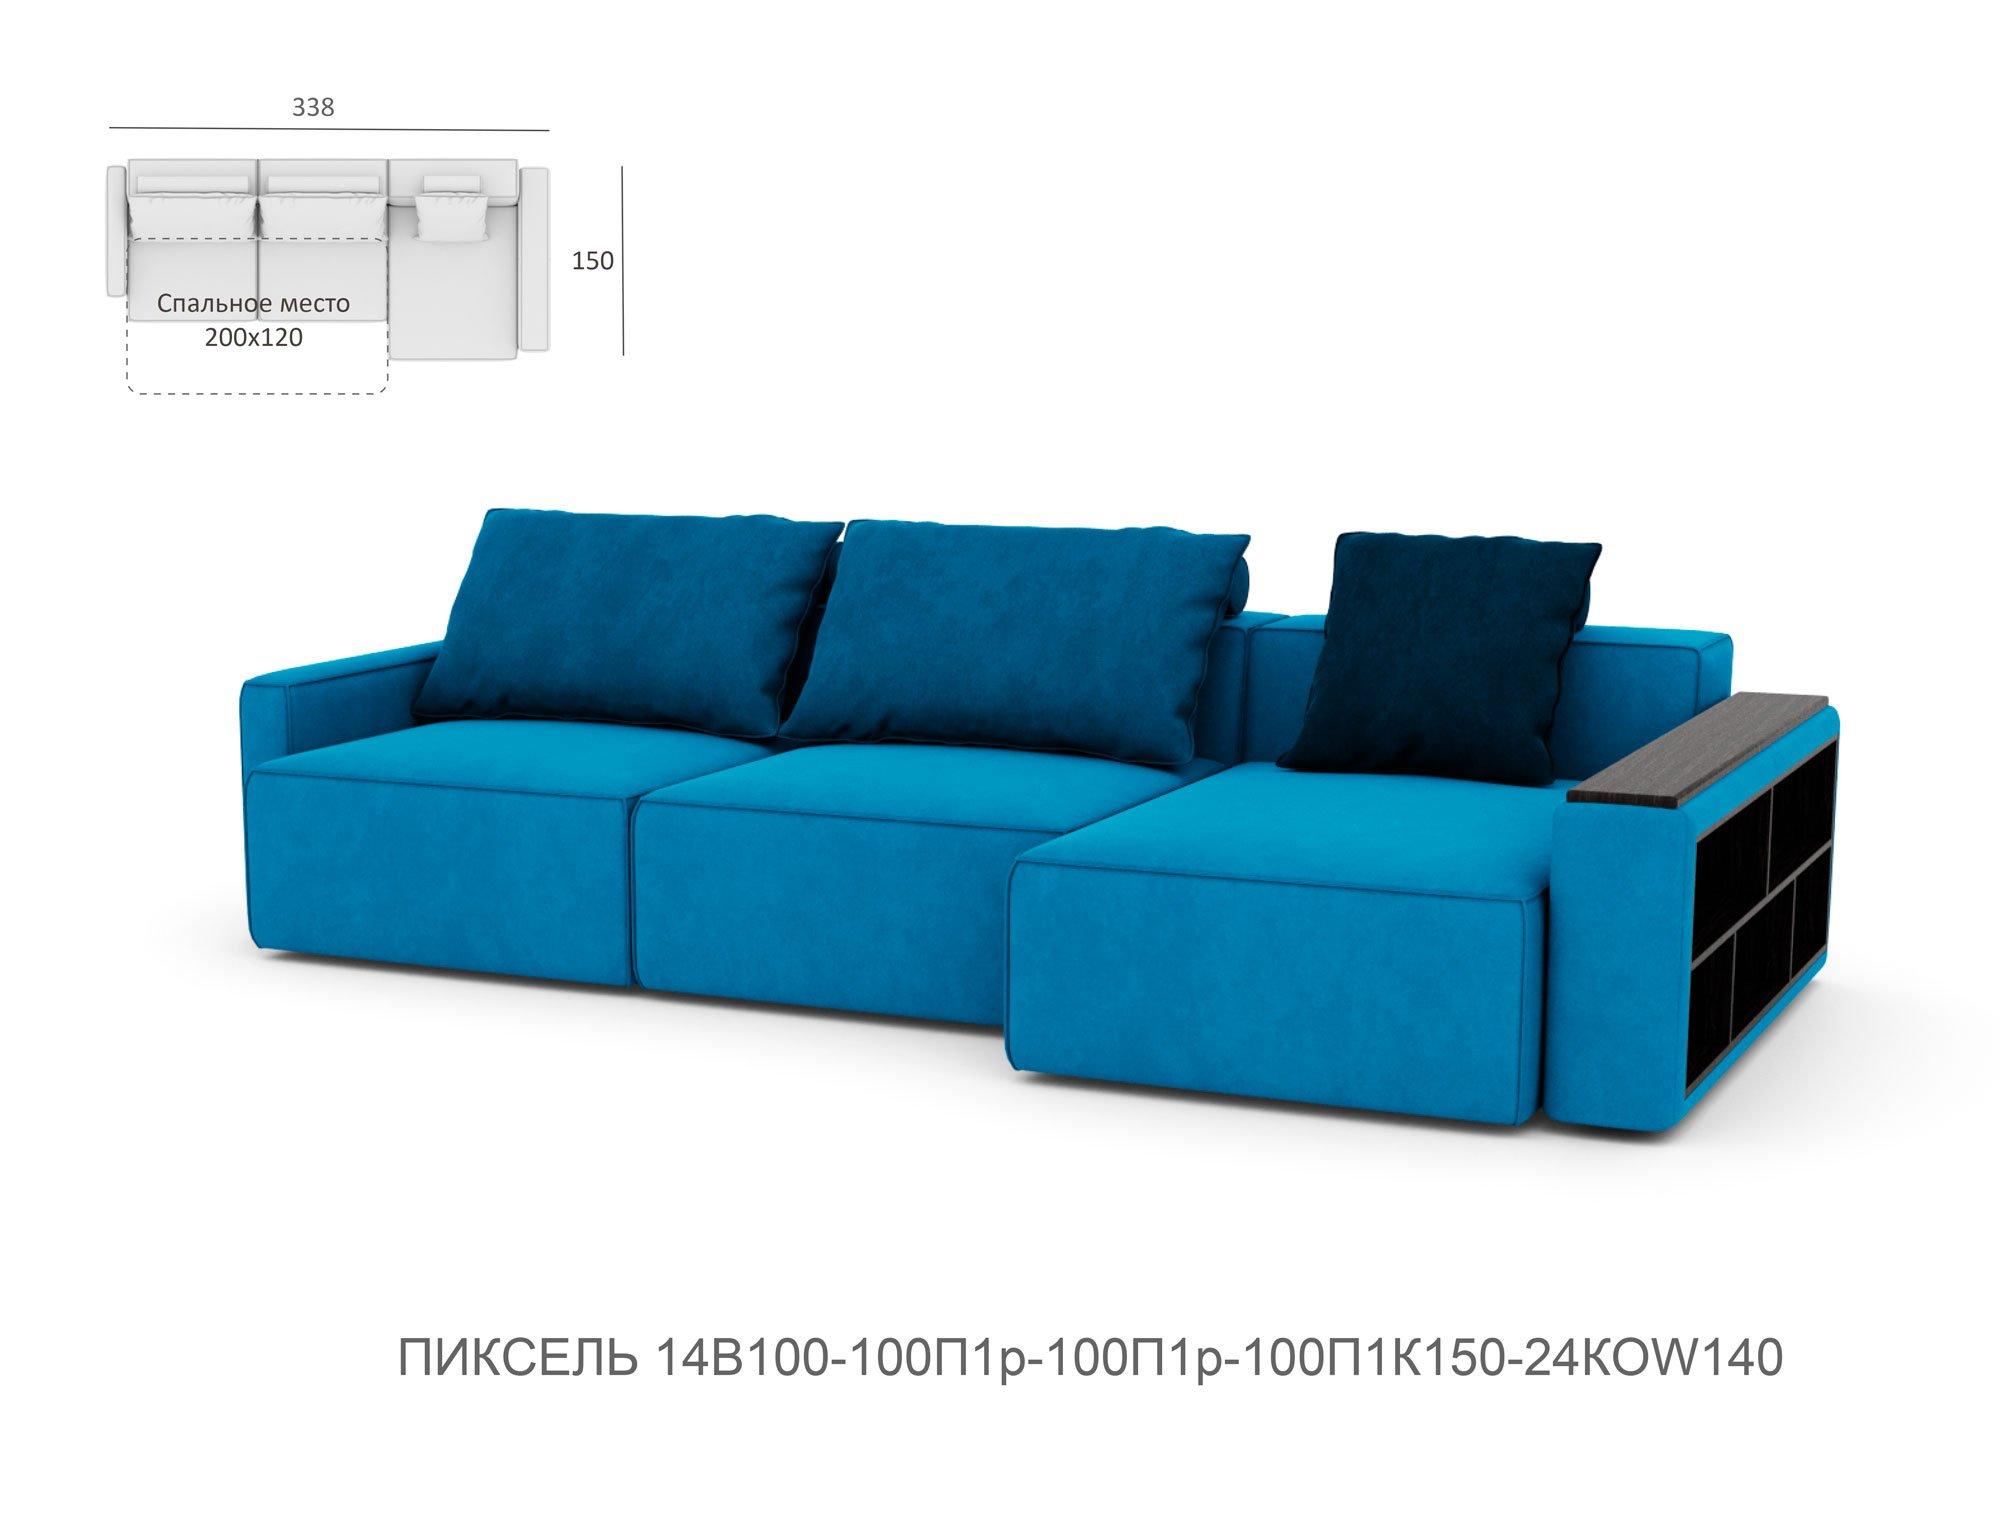 Пиксель 14В100-100П1р-100П1р-100П1К150-24КОW140